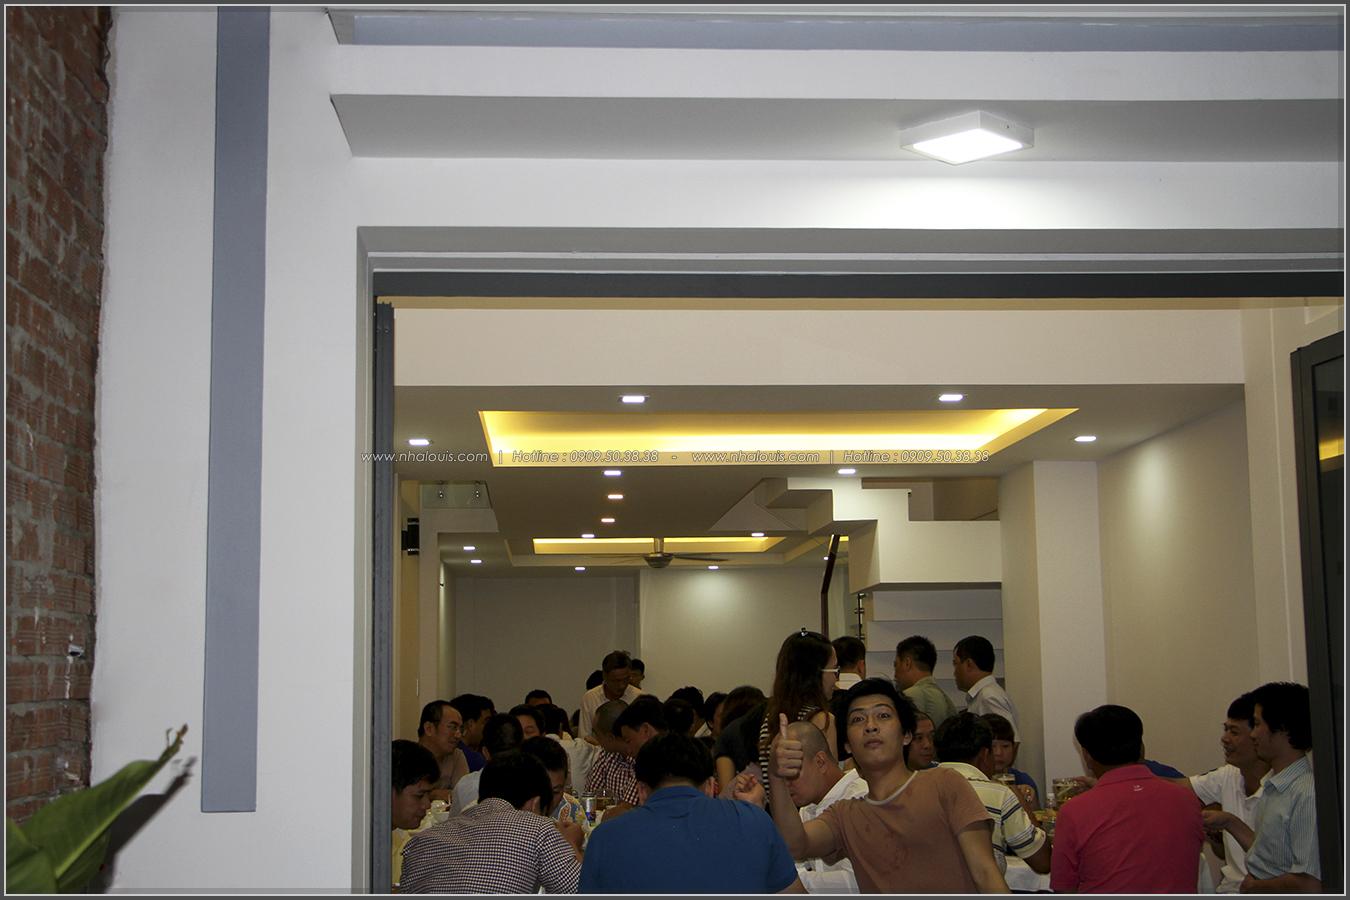 Thi công nhà phố tân cổ điển mang vẻ đẹp hiện đại tại Quận Tân Phú - 03